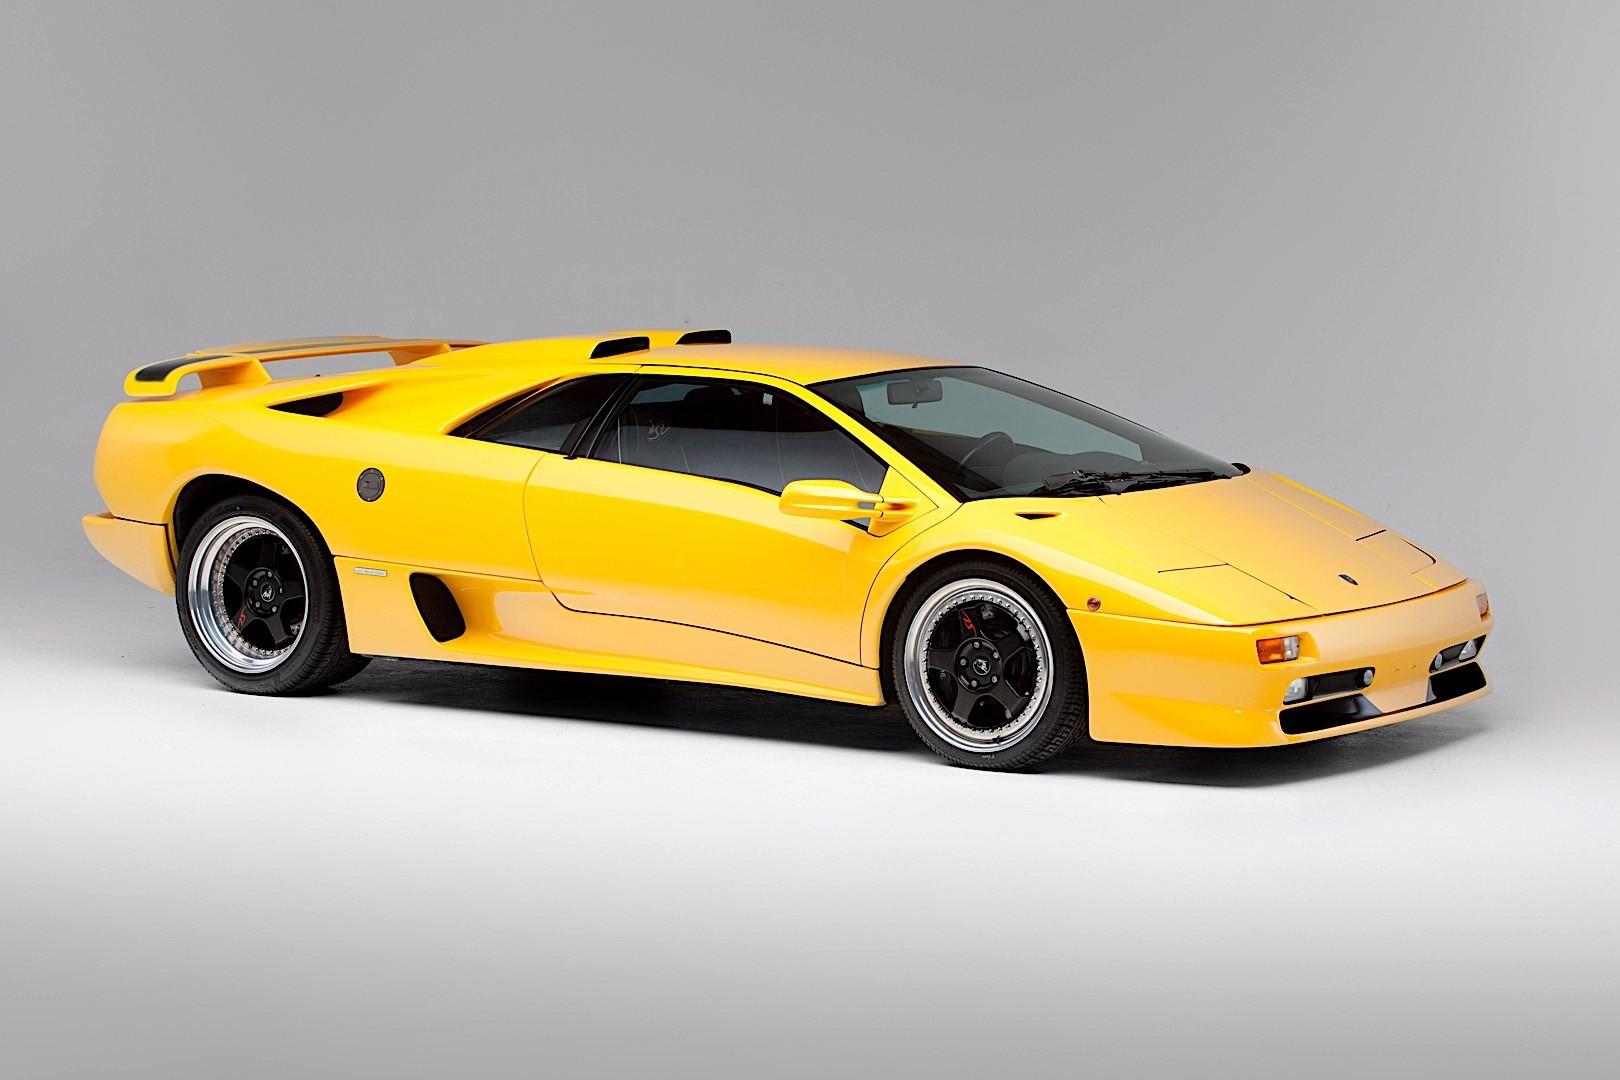 Lamborghini Urus 0 60 >> LAMBORGHINI Diablo SV specs & photos - 1996, 1997, 1998, 1999 - autoevolution